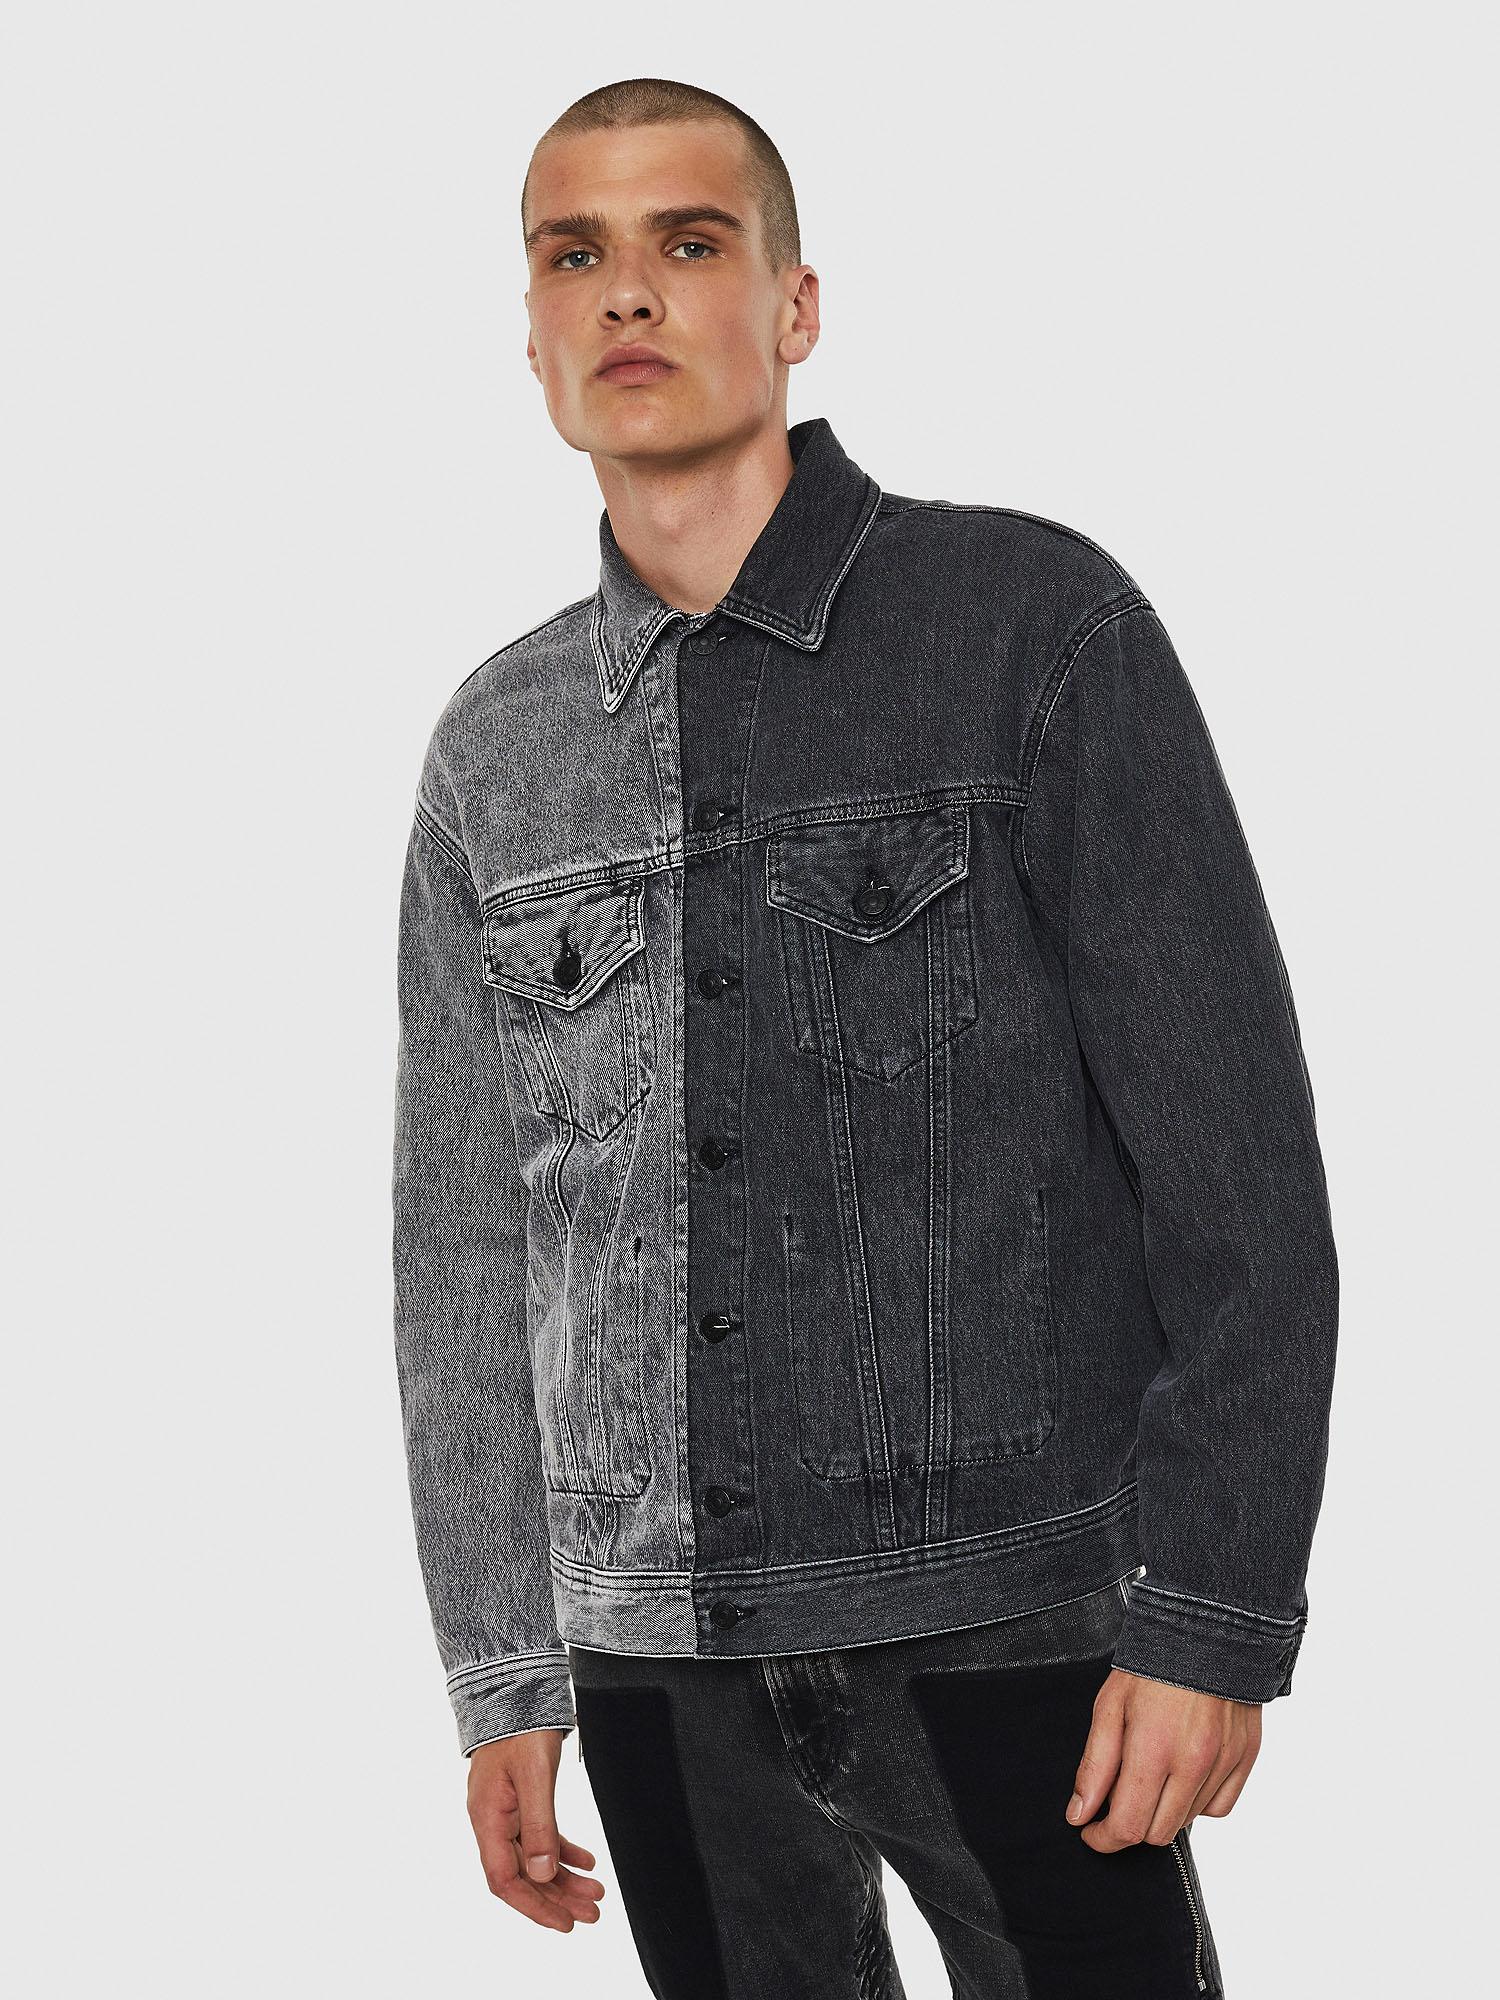 Diesel Denim Jackets 0090U - Black - L